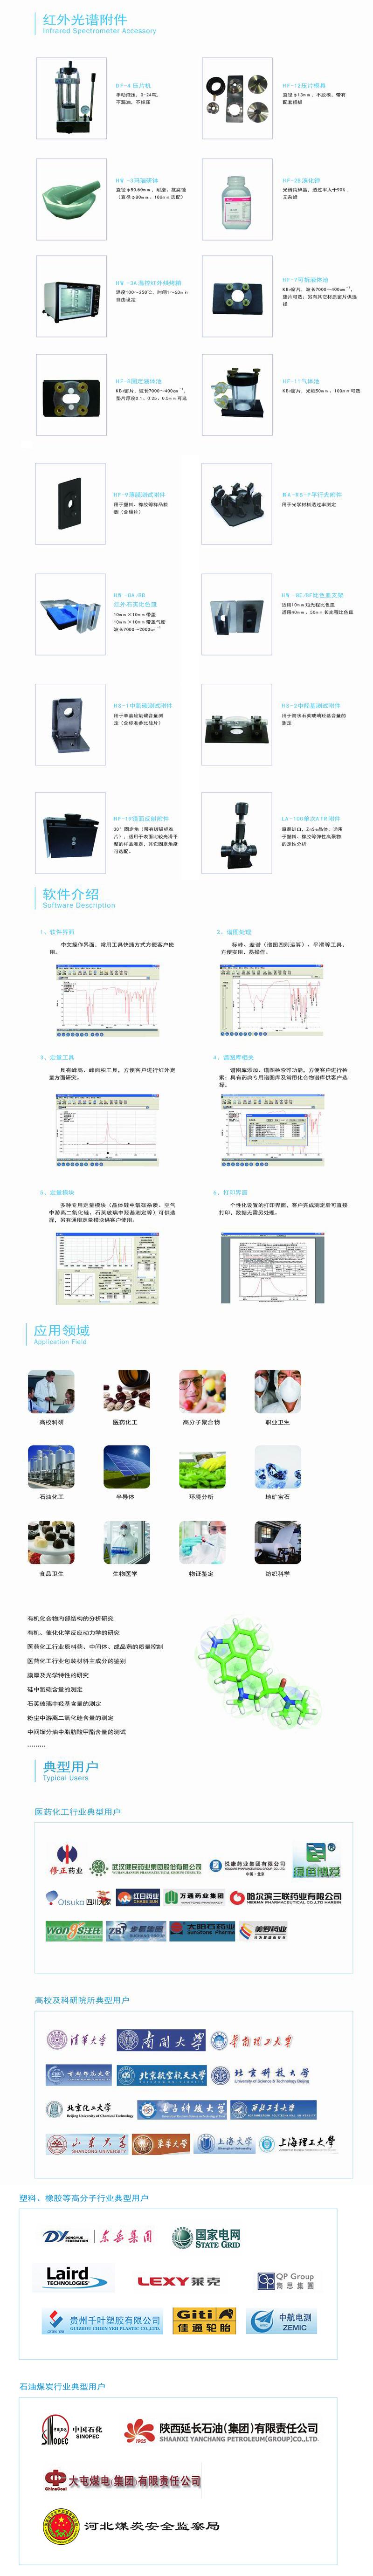 FTIR-650傅里叶变换红外光谱仪附件